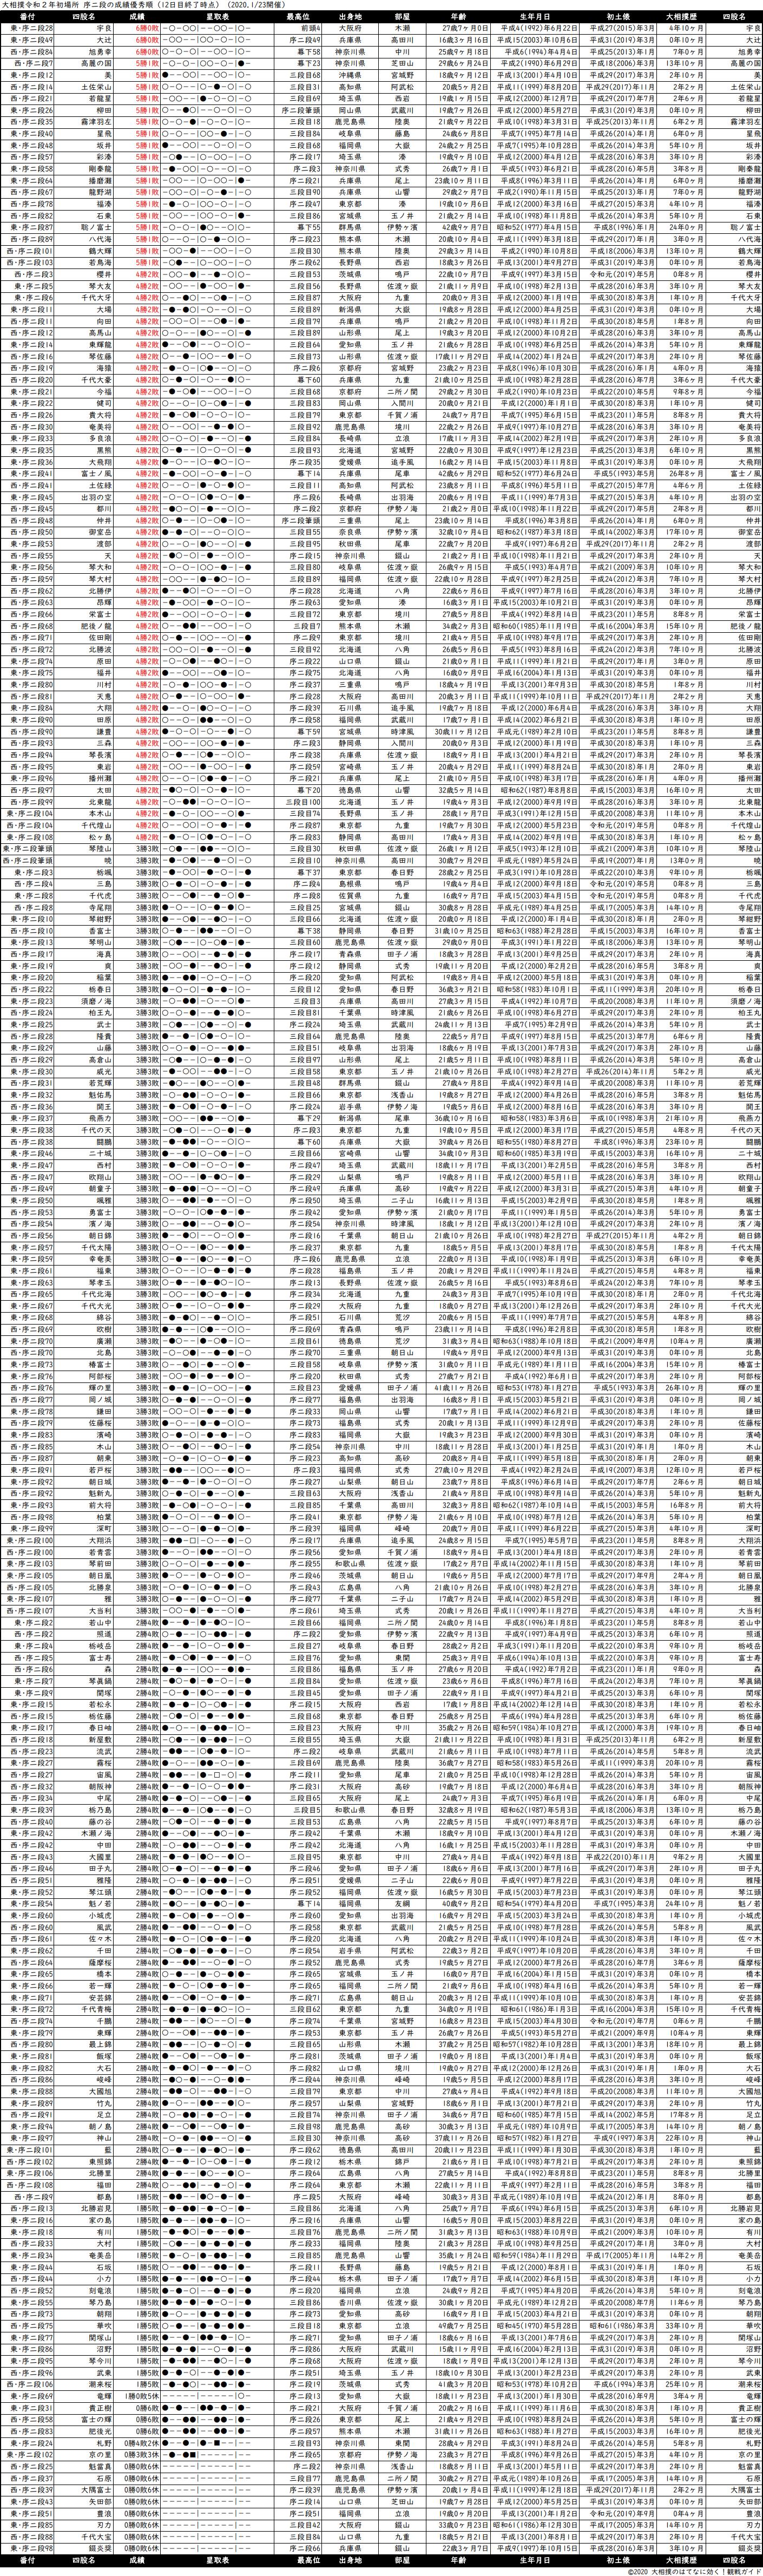 序二段成績順一覧表・2020年1月場所12日目